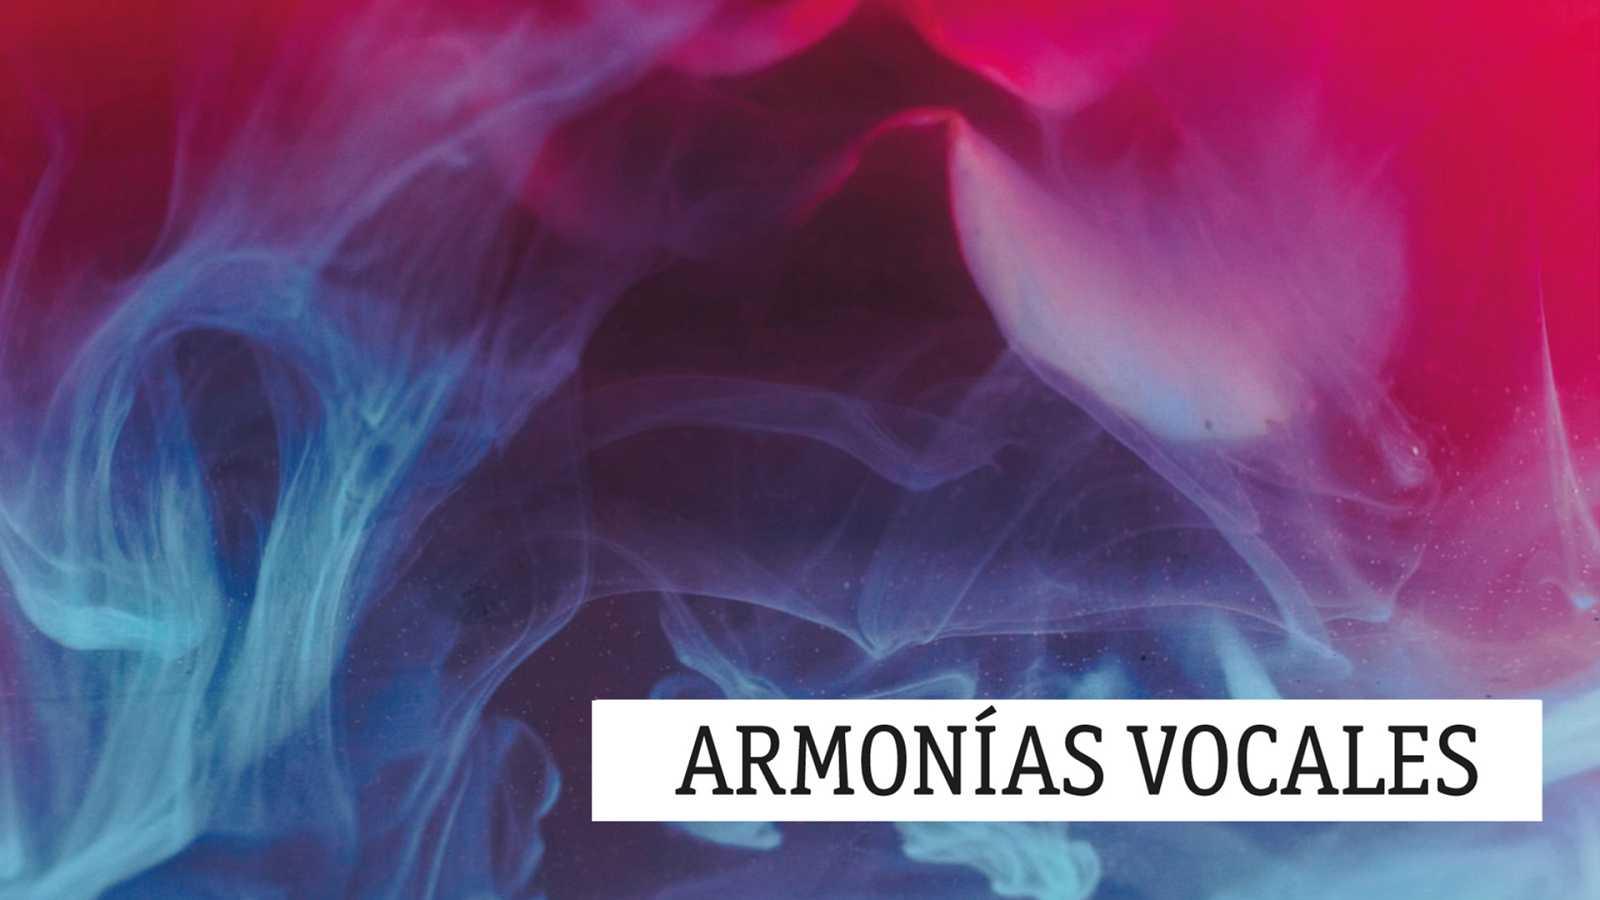 Armonías vocales - 31/10/20 - escuchar ahora